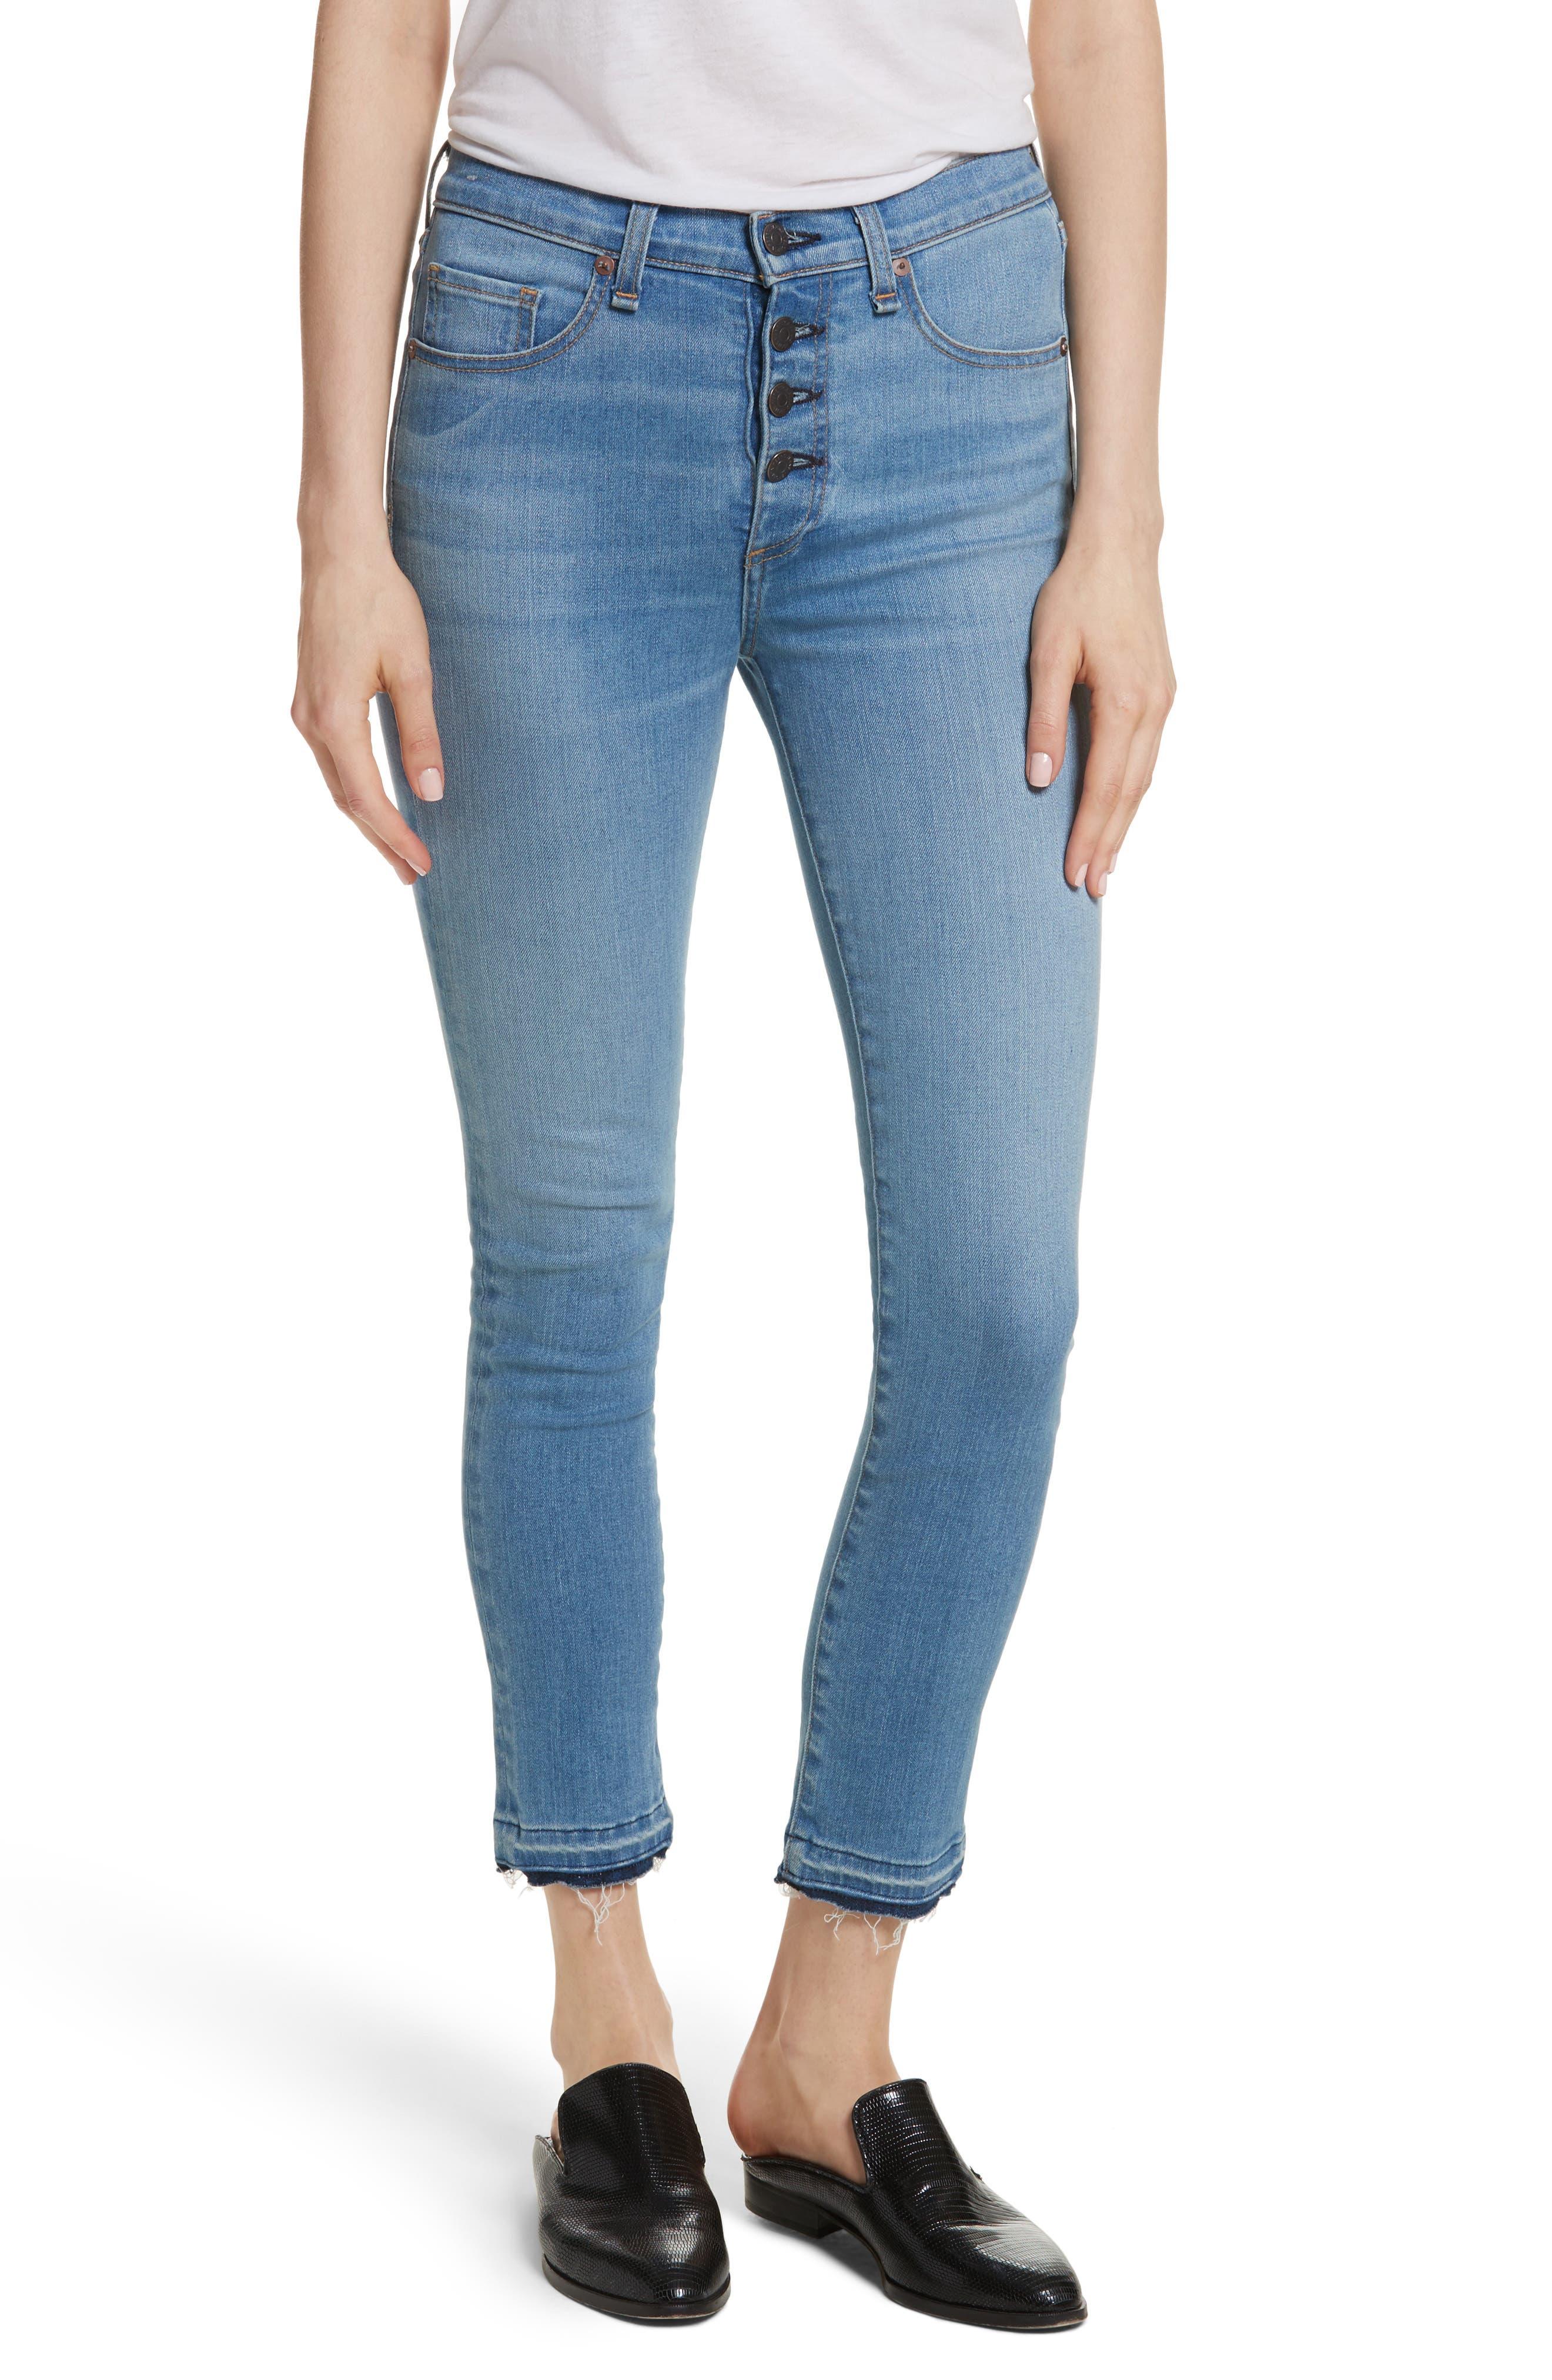 Debbie High Waist Fray Hem Jeans,                         Main,                         color, Retro Blue